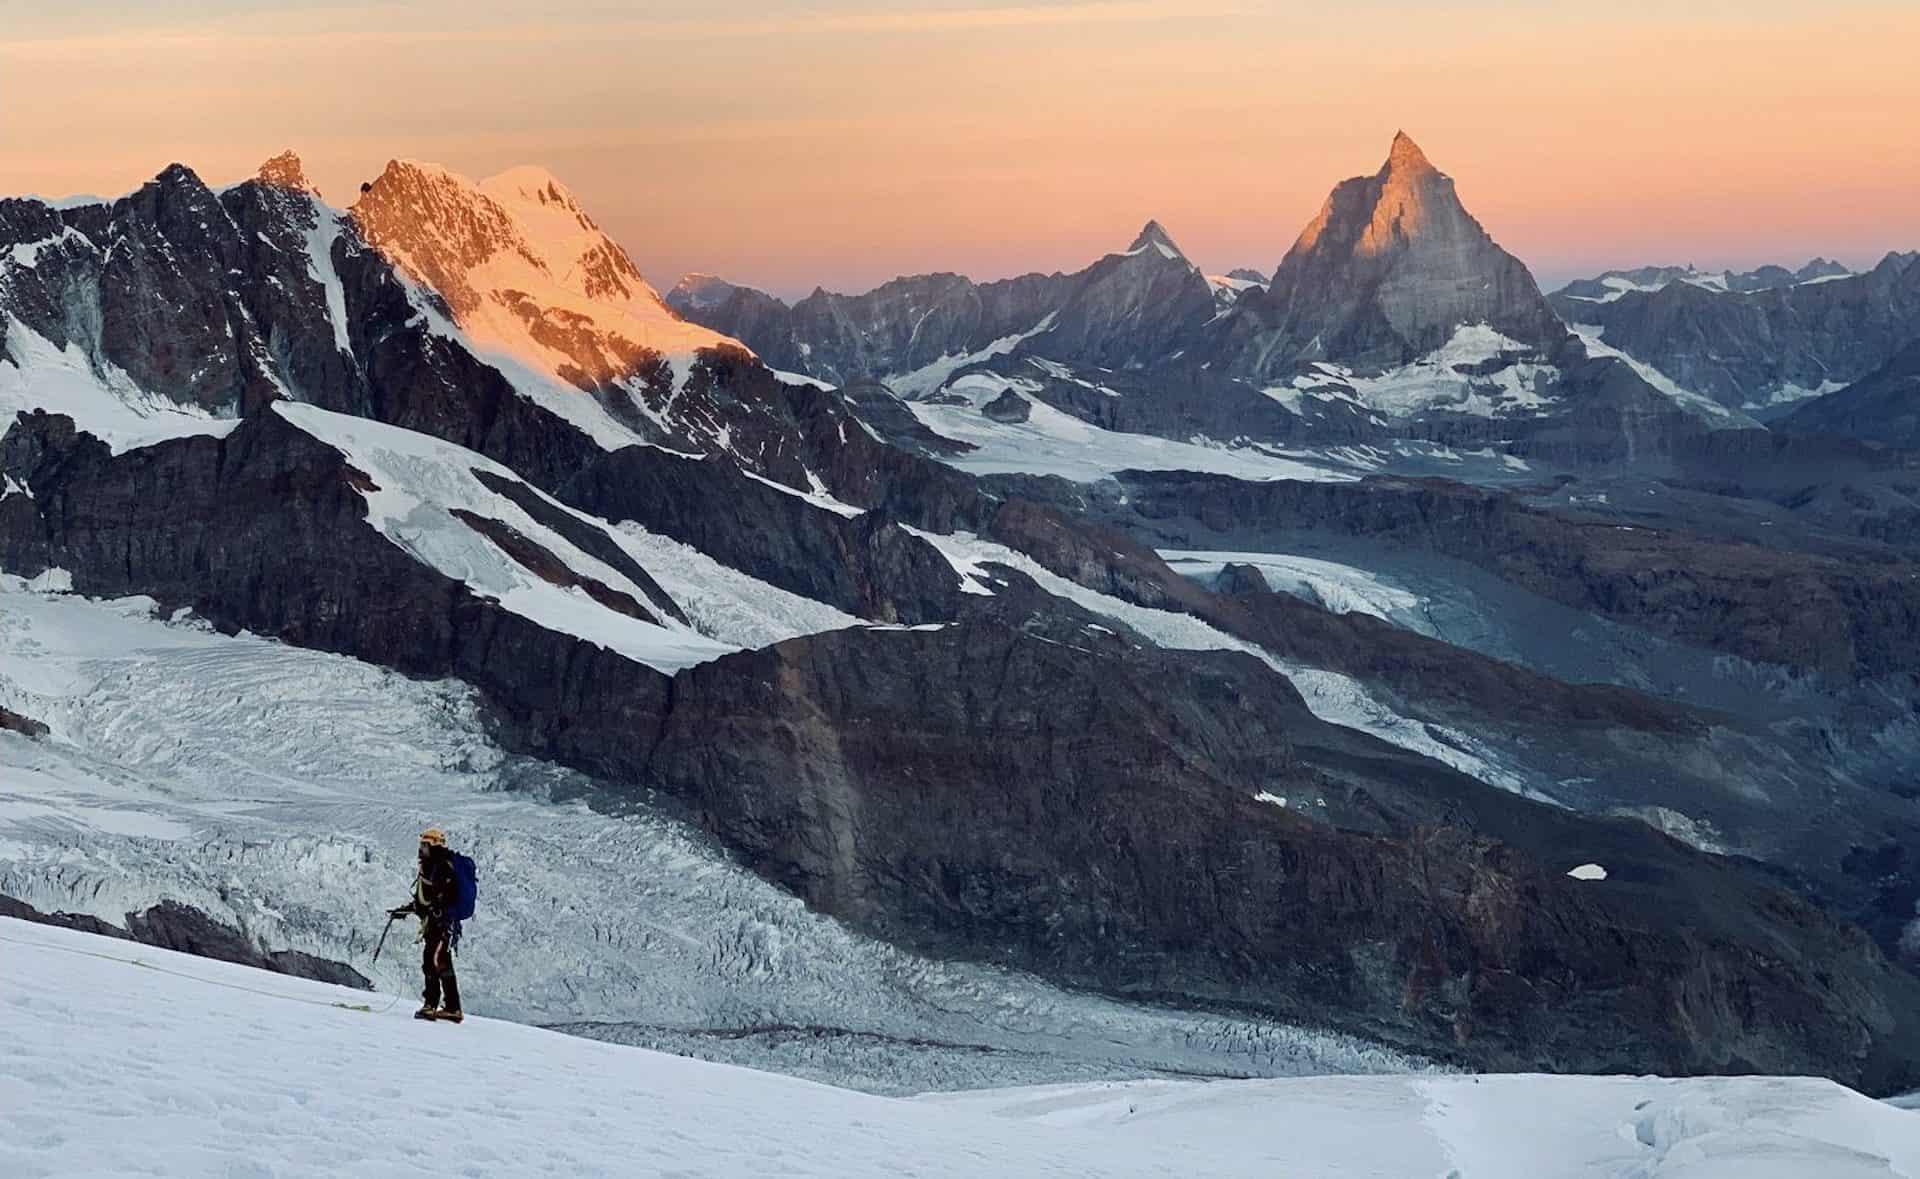 Pourquoi l'alpinisme : une ascension de la pointe Dufour, dans le Mont-Rose